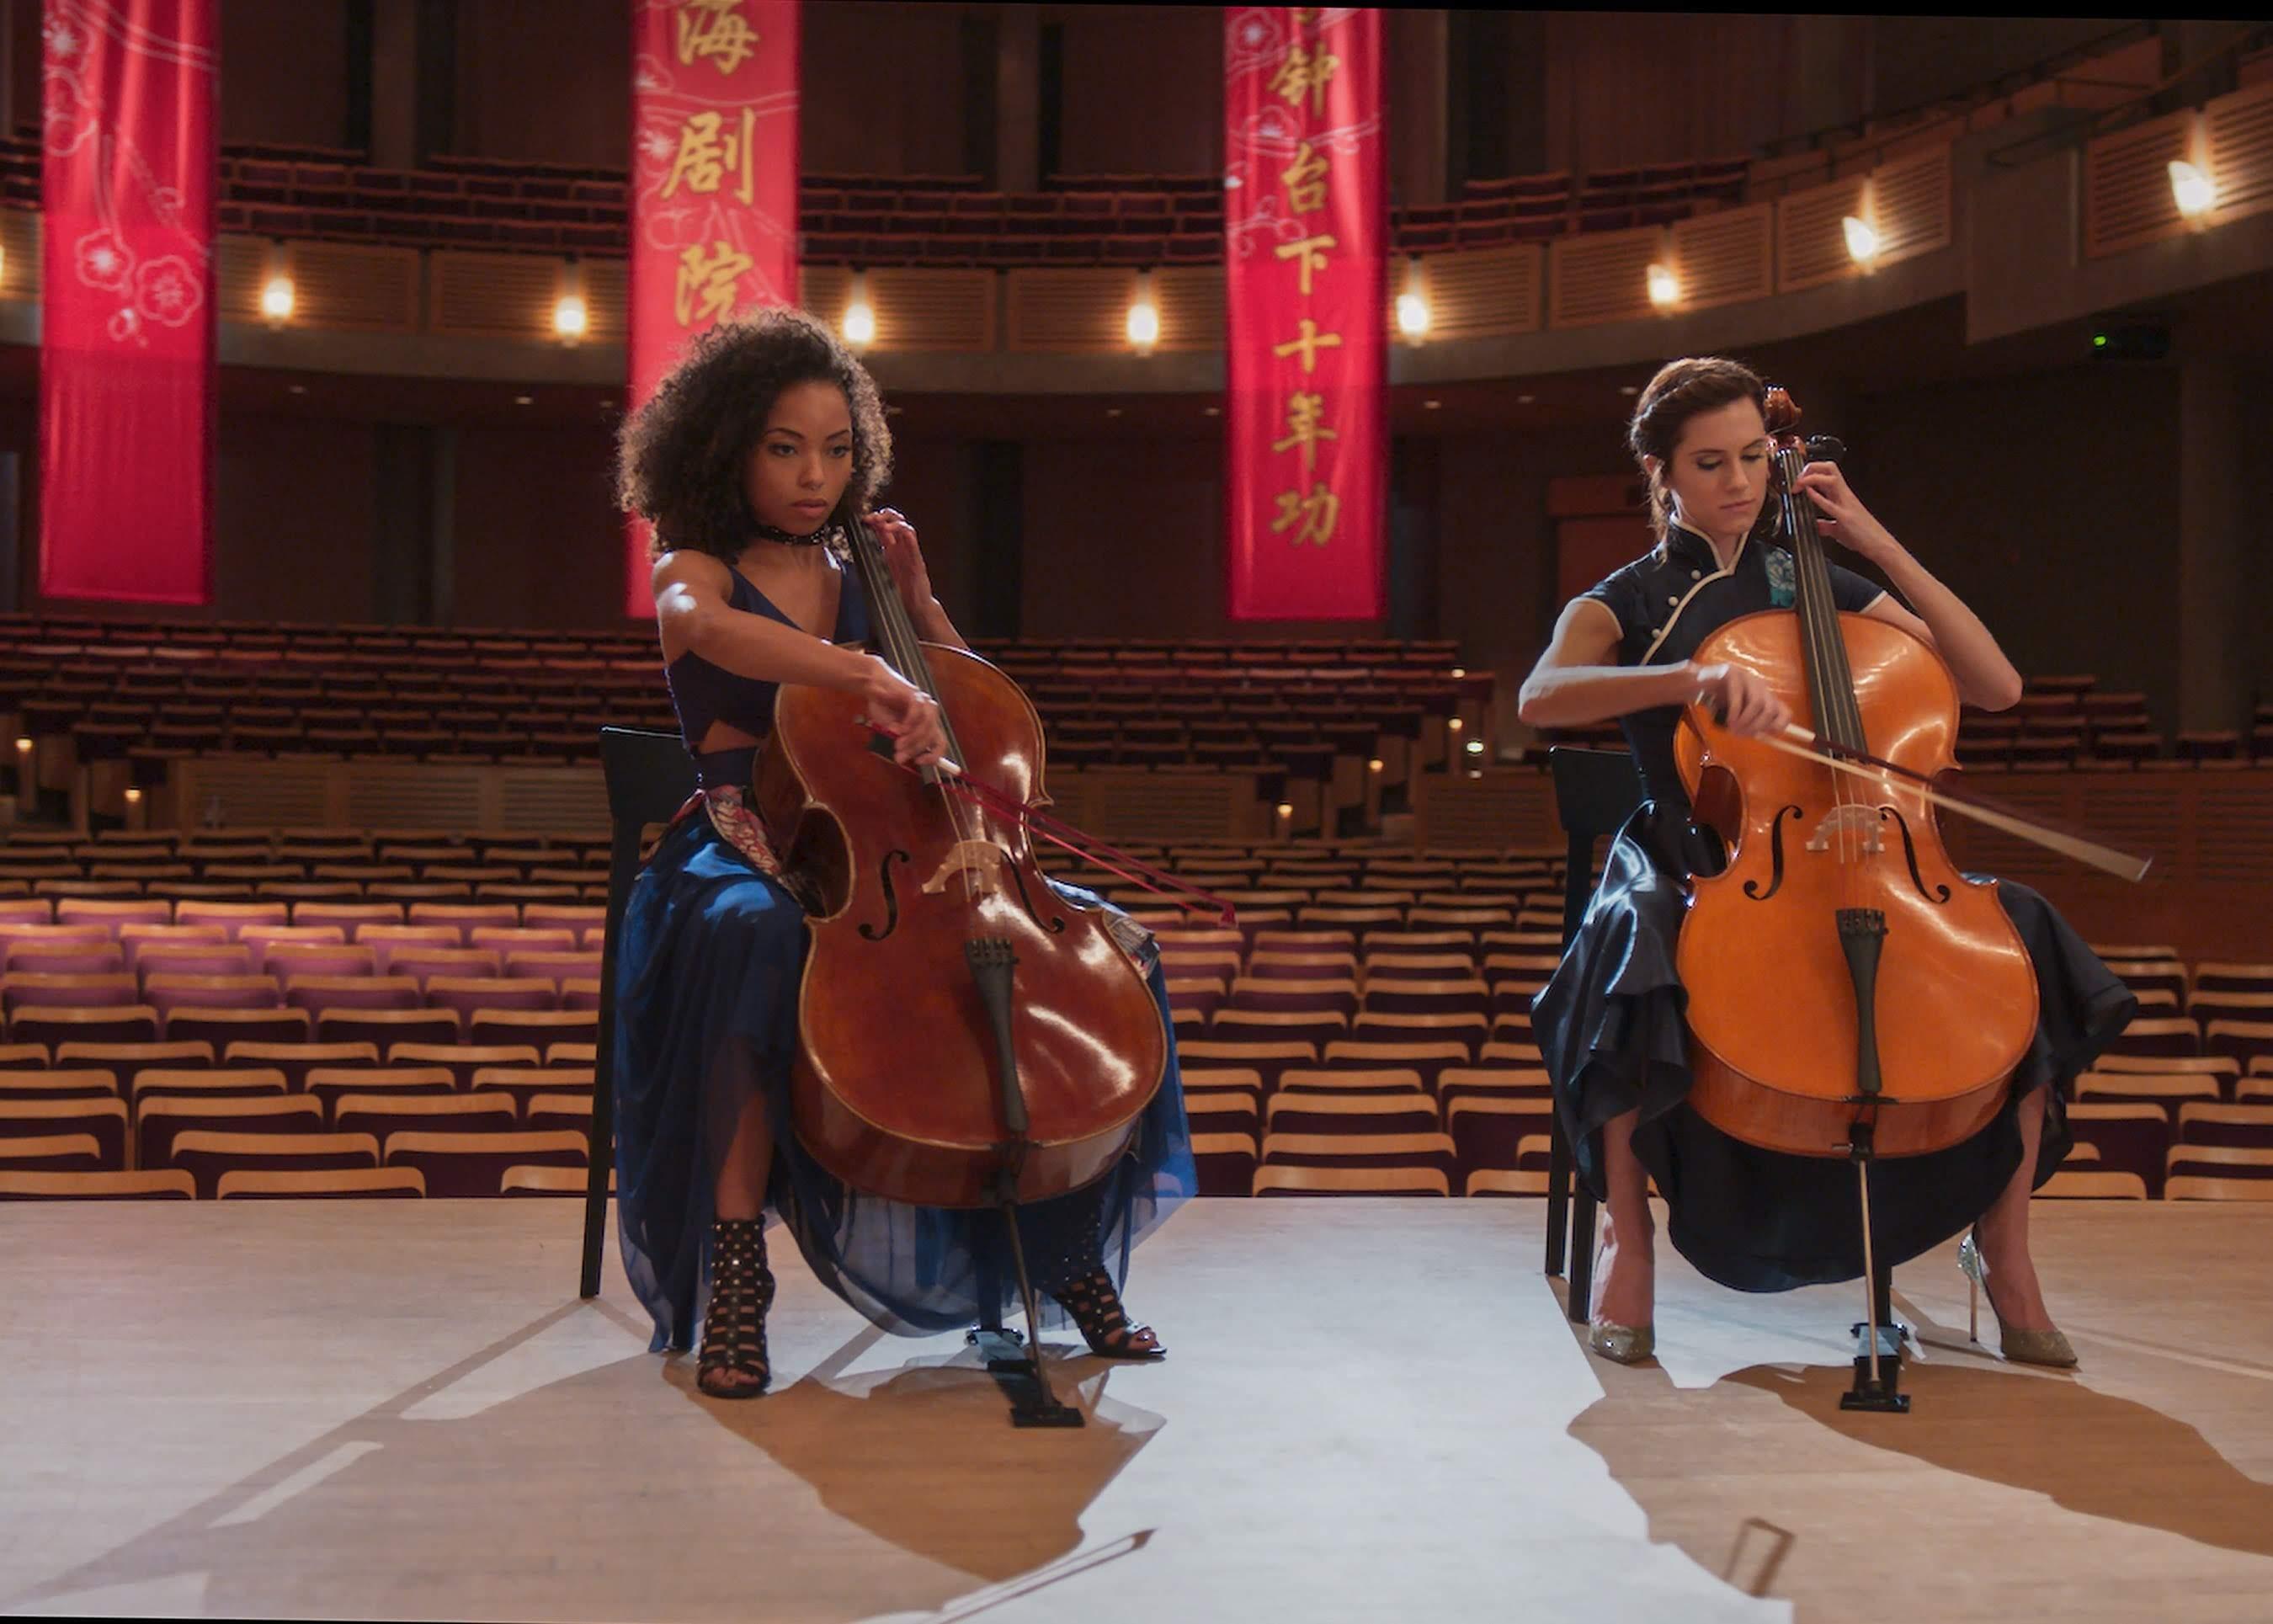 The Perfection :「ゲット・アウト」のアリソン・ウィリアムズを主演に起用し、ふたりの天才的なチェロ奏者のめぐり会いが、予想のつかない邪悪な展開へと雪崩込んでいくことで、ホラー映画ファンが観たがっている注目の話題作「ザ・パーフェクション」の予告編を初公開 ! !